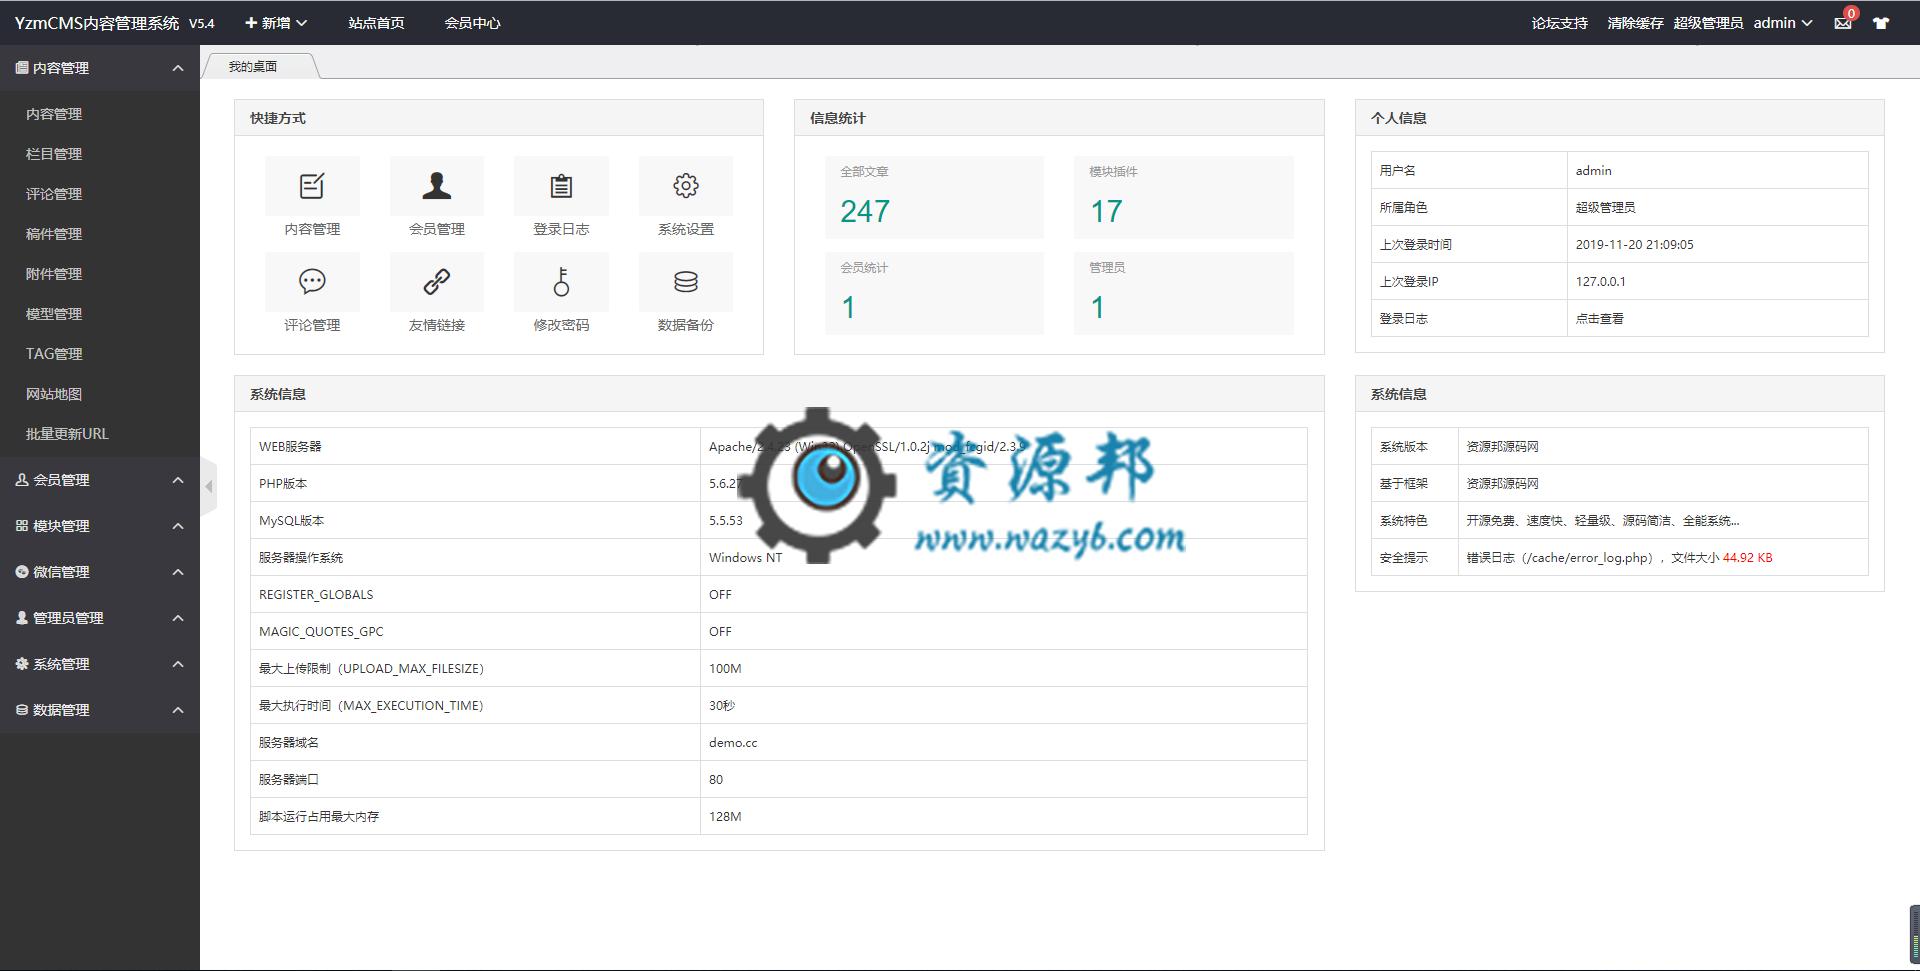 基于ThinkPHP框架开发的精仿系统之家下载站源码,支持采集功能和微信公众号管理对接 ThinkPHP源码 第5张